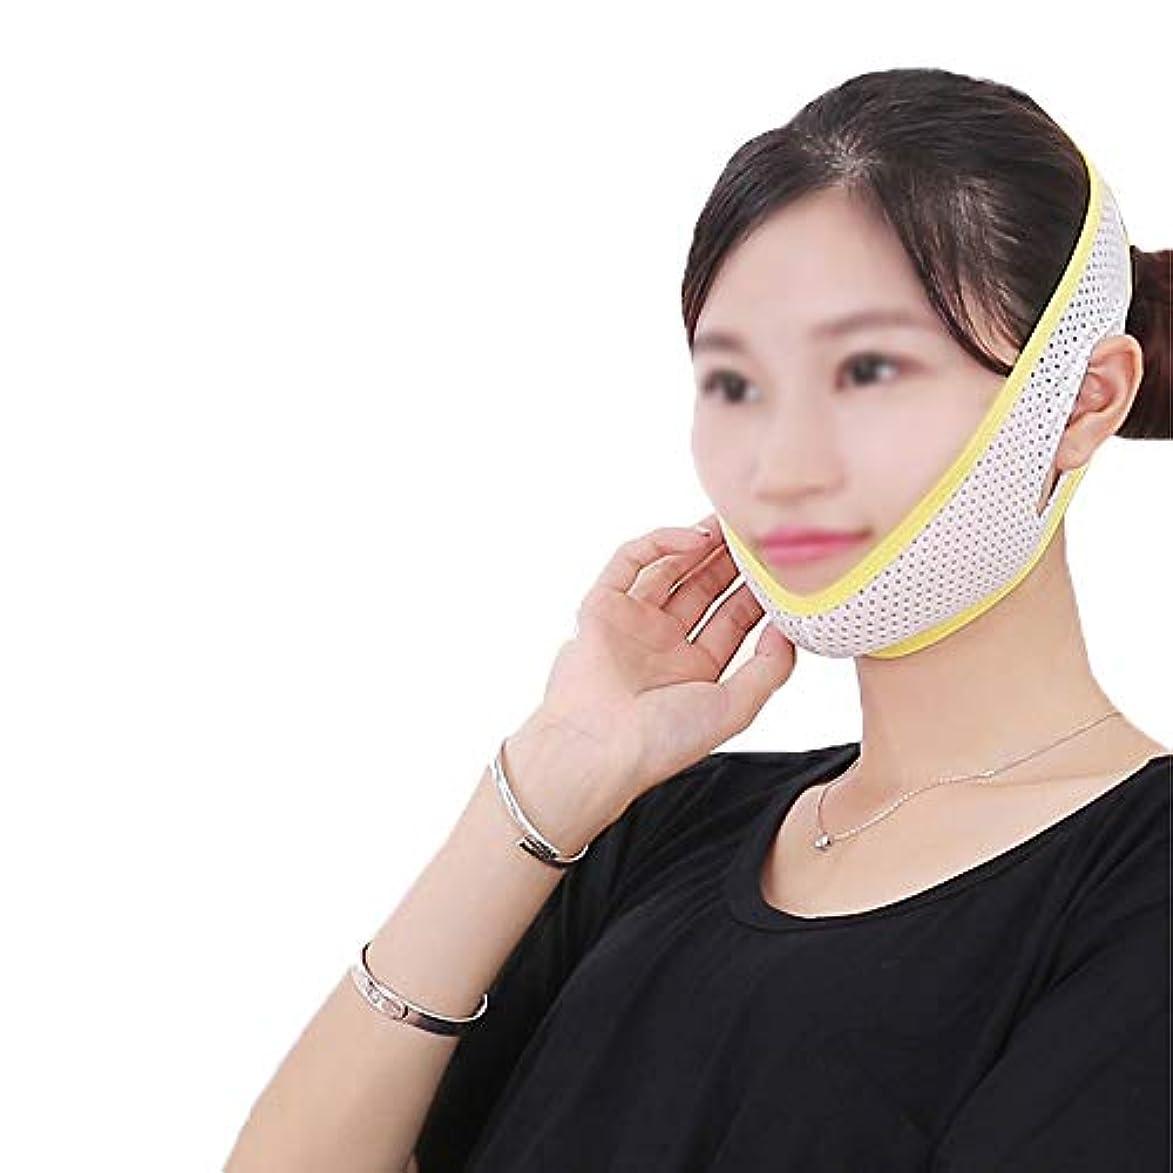 なる蒸し器偽善者GLJJQMY 顔と首リフト薄いフェイスマスク強力な薄いフェイスツール締め付け薄いフェイスマスクアーティファクト薄いフェイス包帯薄い顔デバイス 顔用整形マスク (Size : M)